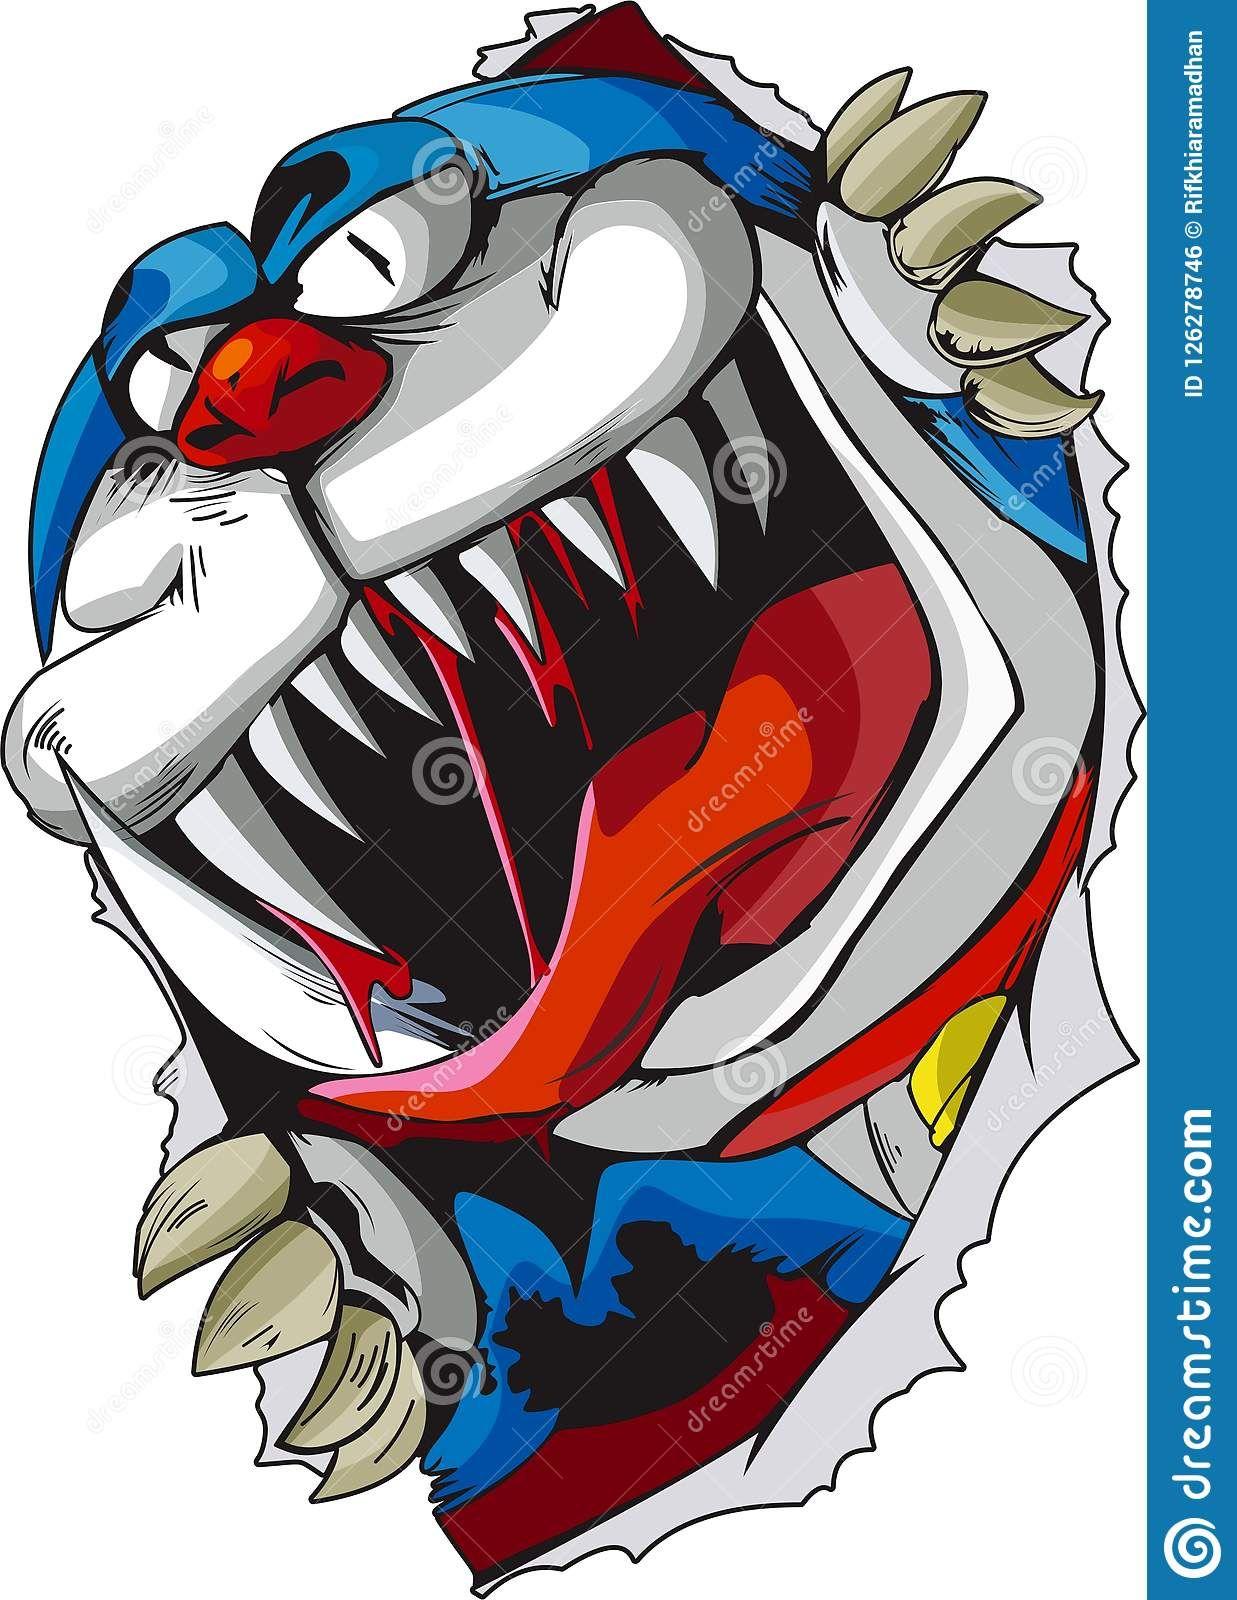 Unduh 63 Gambar Kartun Doraemon Zombie Paling Bagus Gratis Gambar Naga Ilustrasi Karakter Wallpaper Pikachu Doraemon zombie wallpaper images